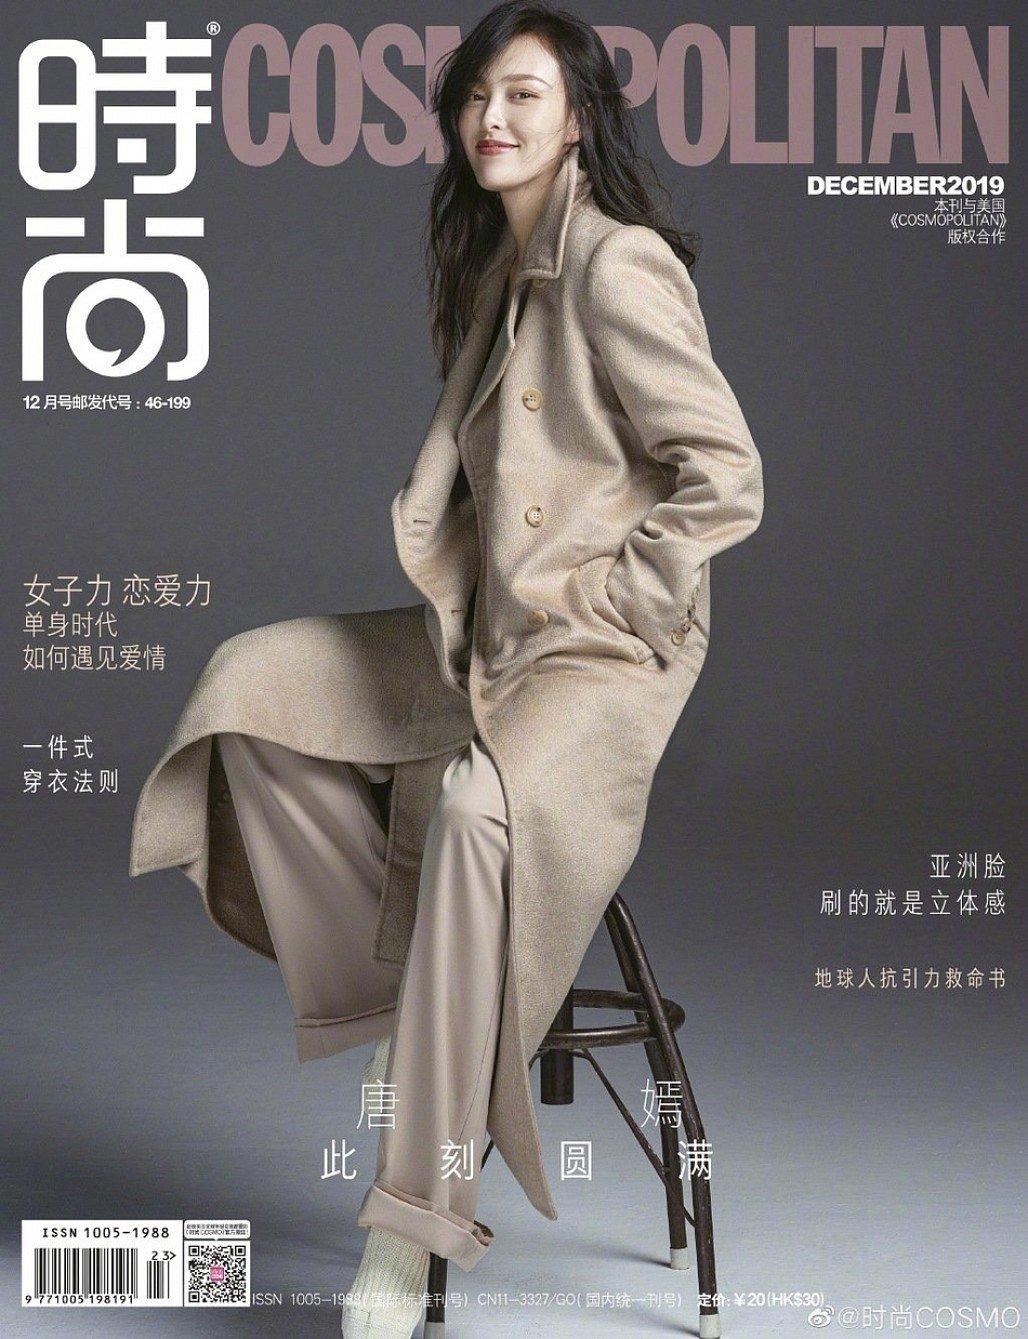 Mặc bầu bì, Đường Yên vẫn đốn tim với loạt ảnh khoe chân thon trên tạp chí  1